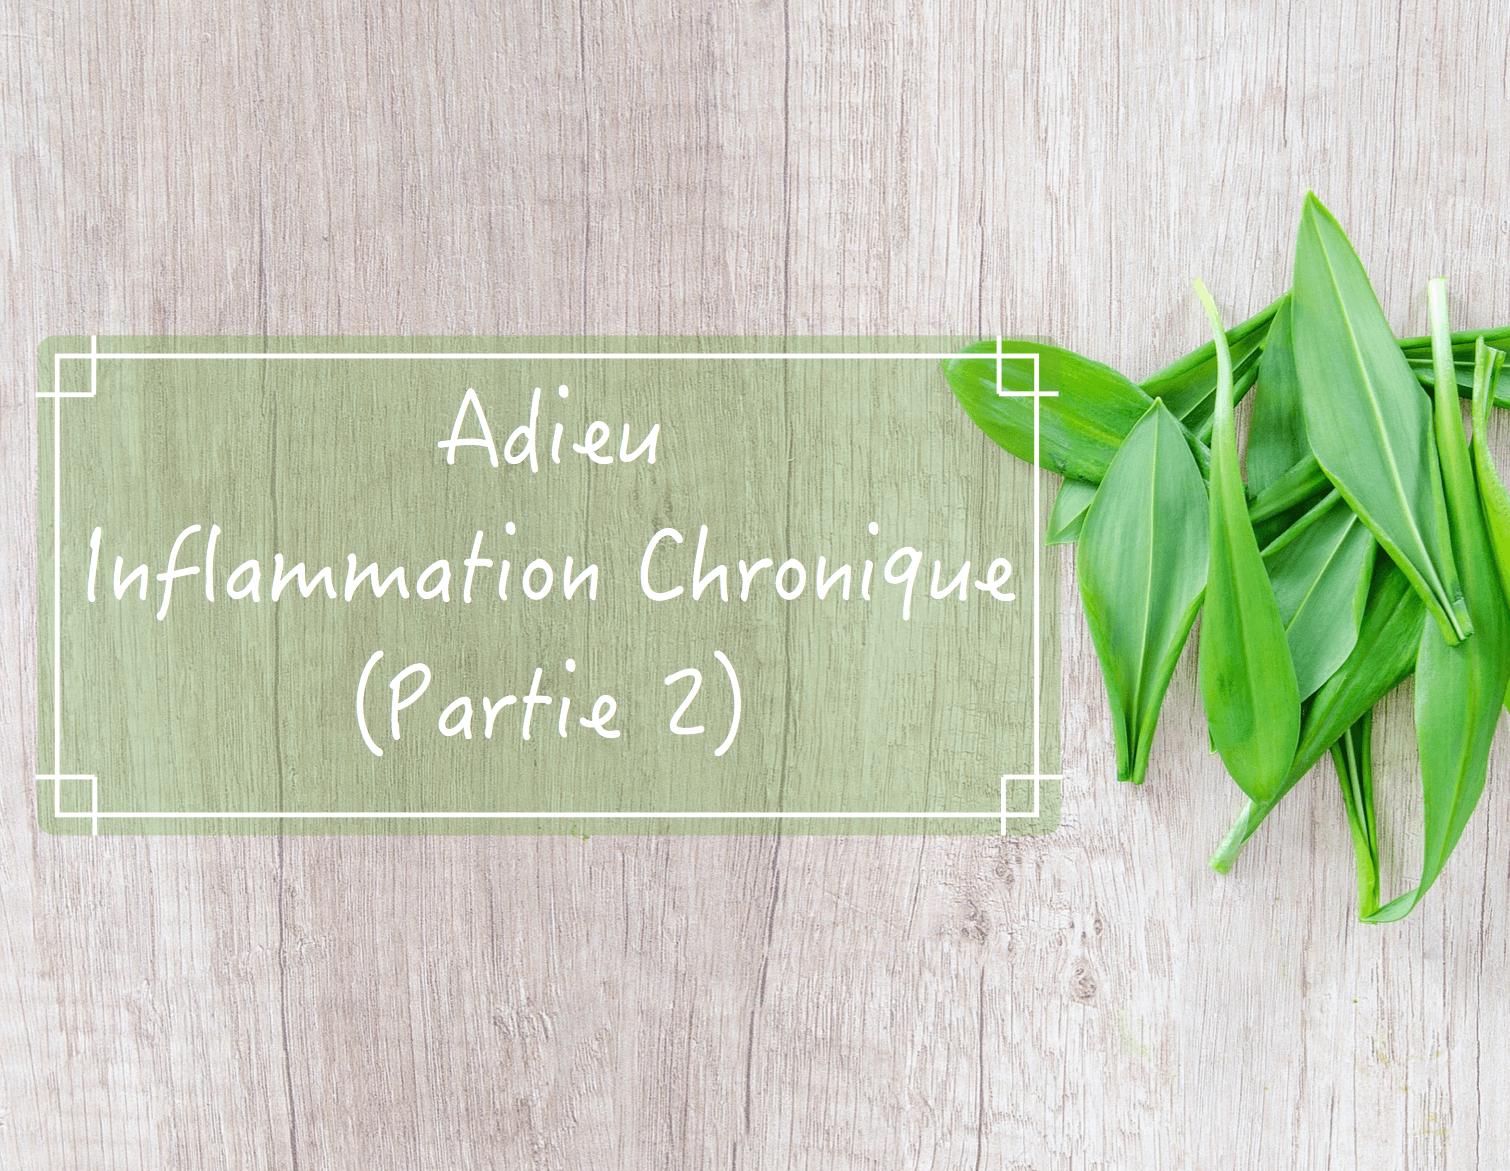 Adieu inflammation chronique (partie 2)